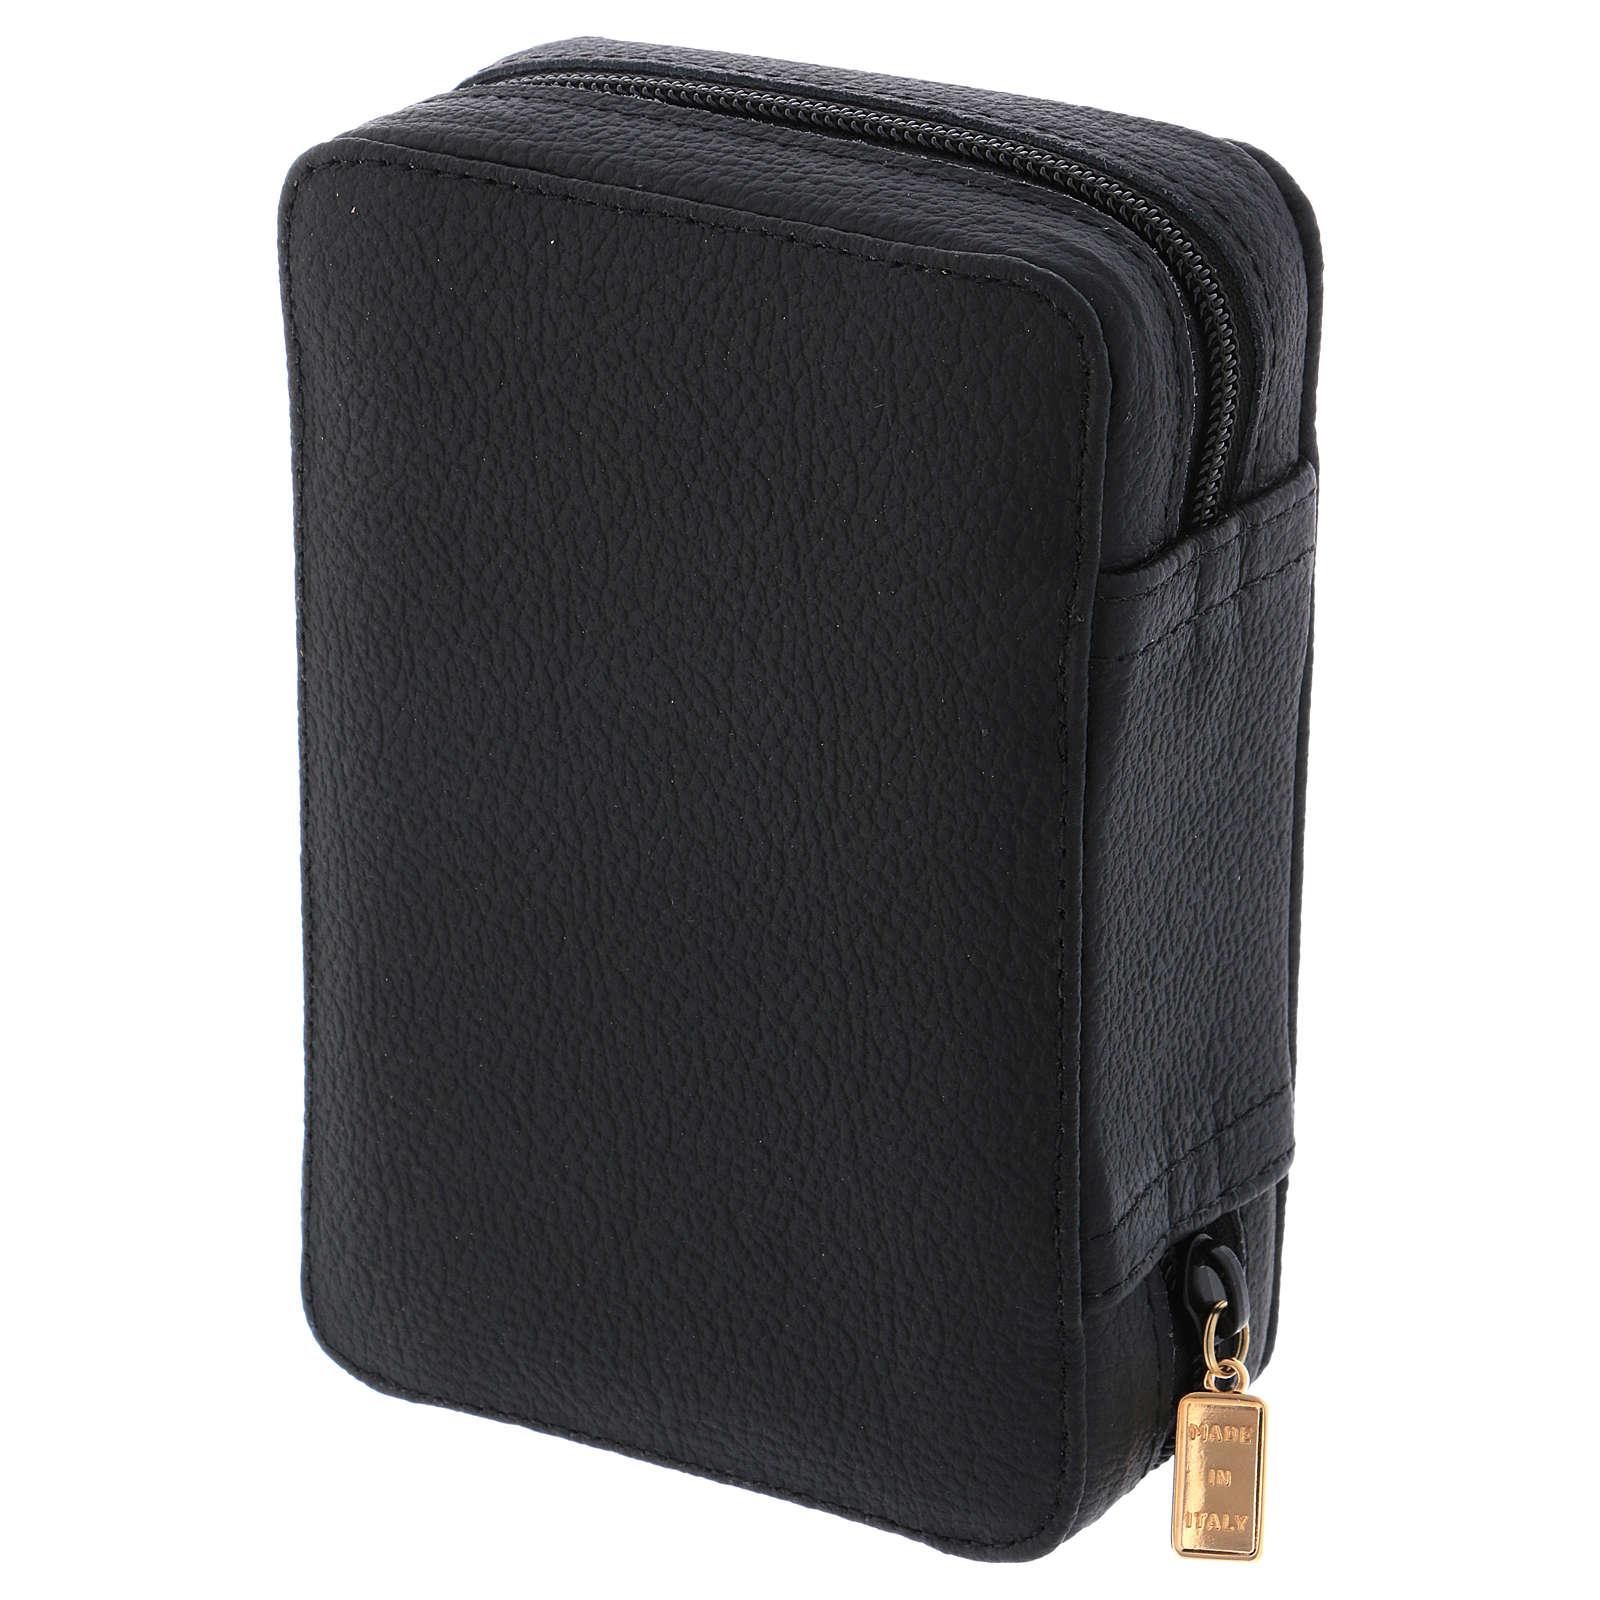 Astuccio portateca pelle nera e raso con accessori 3